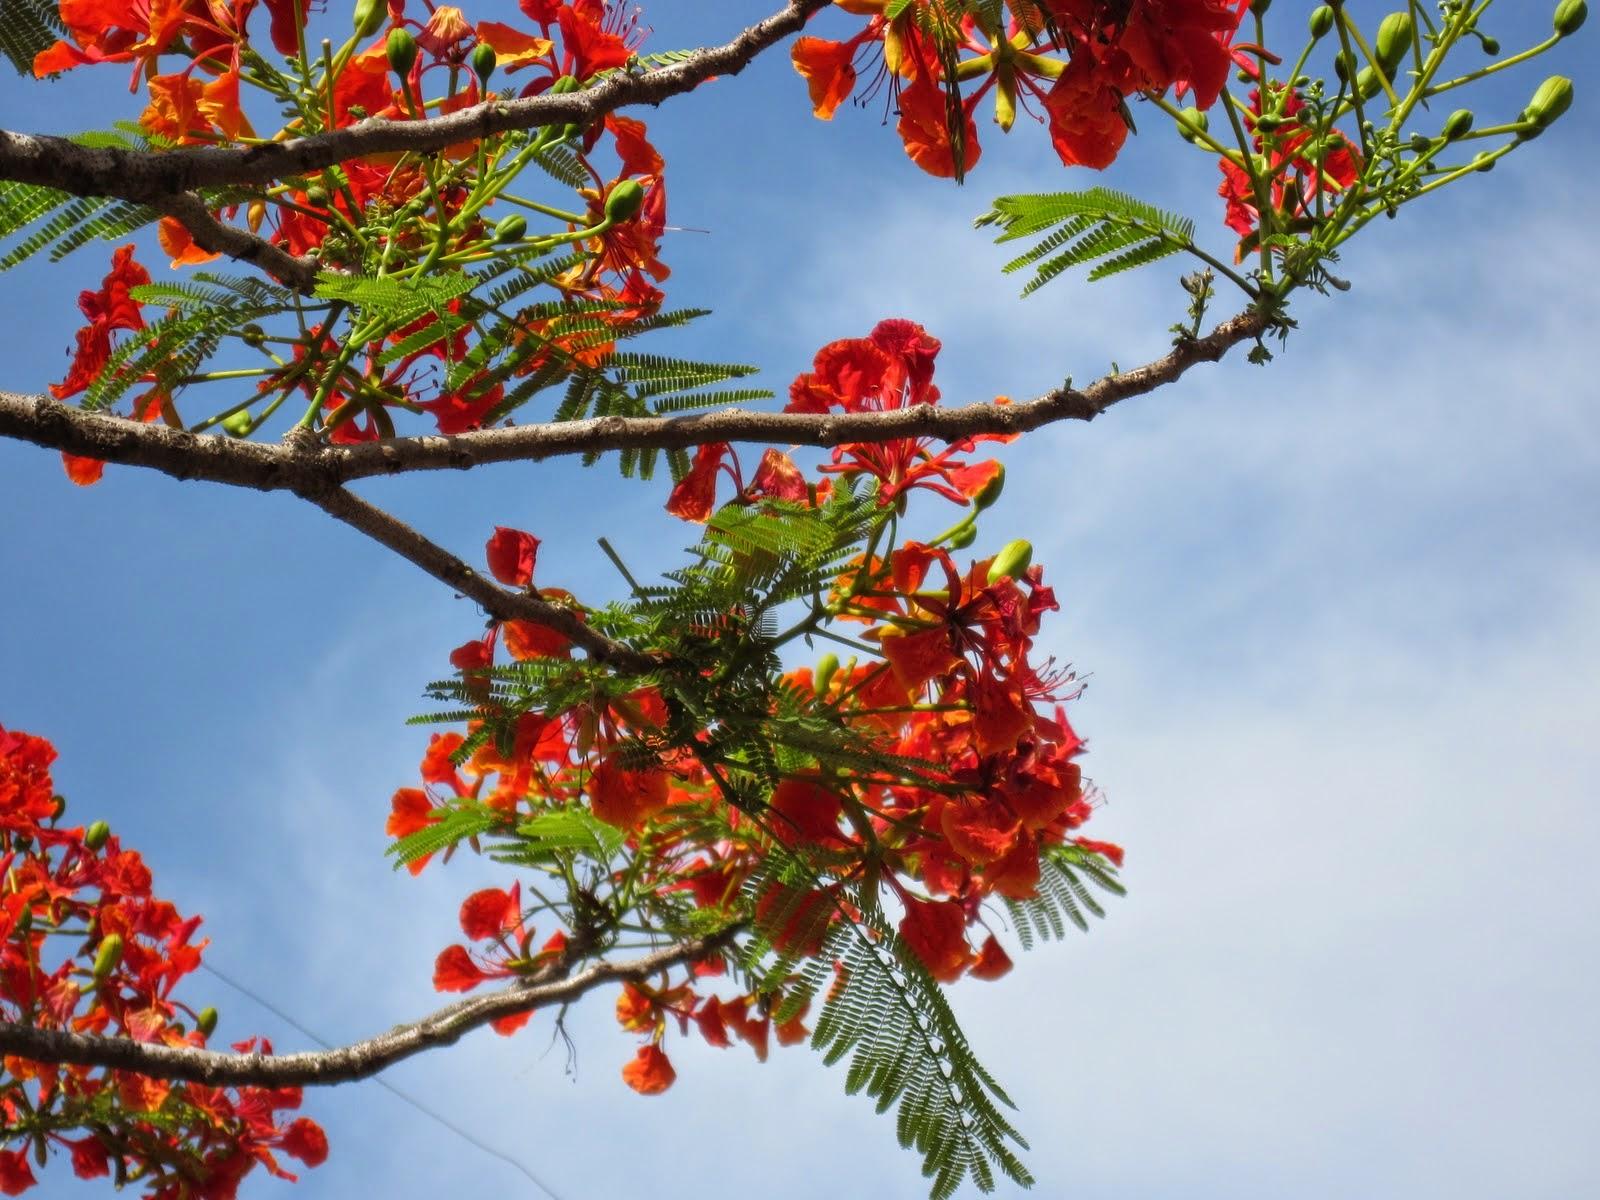 tải hình nền hoa phượng đỏ đẹp nhất